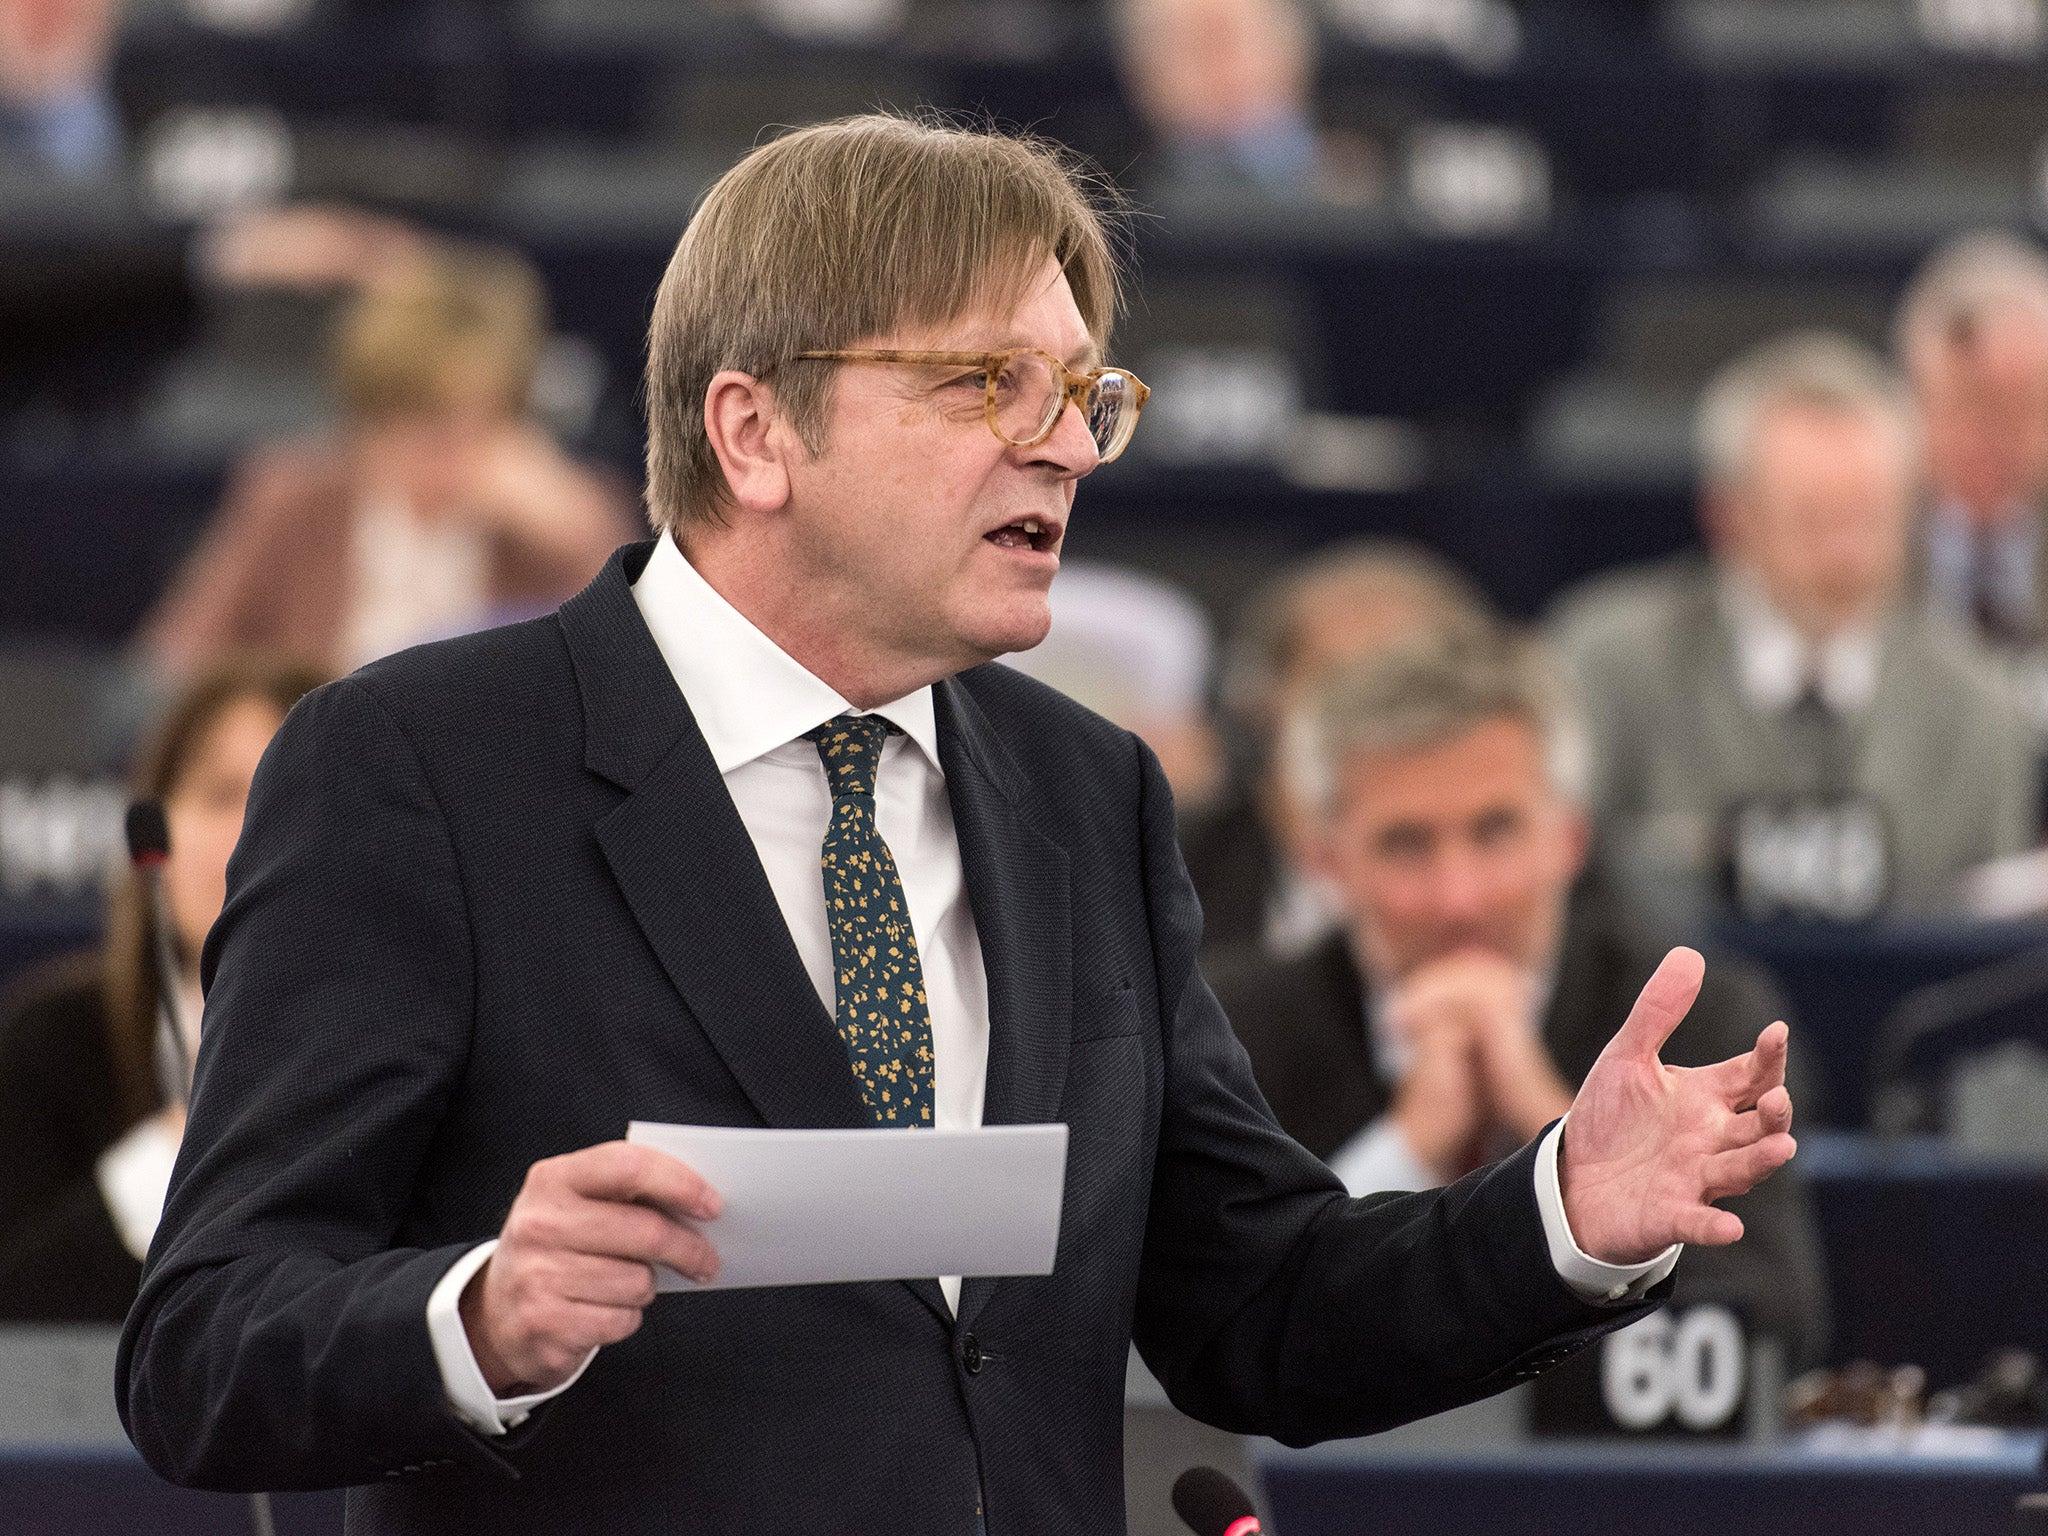 European Parliament Brexit chief accuses Britain of 'jeopardising' exit